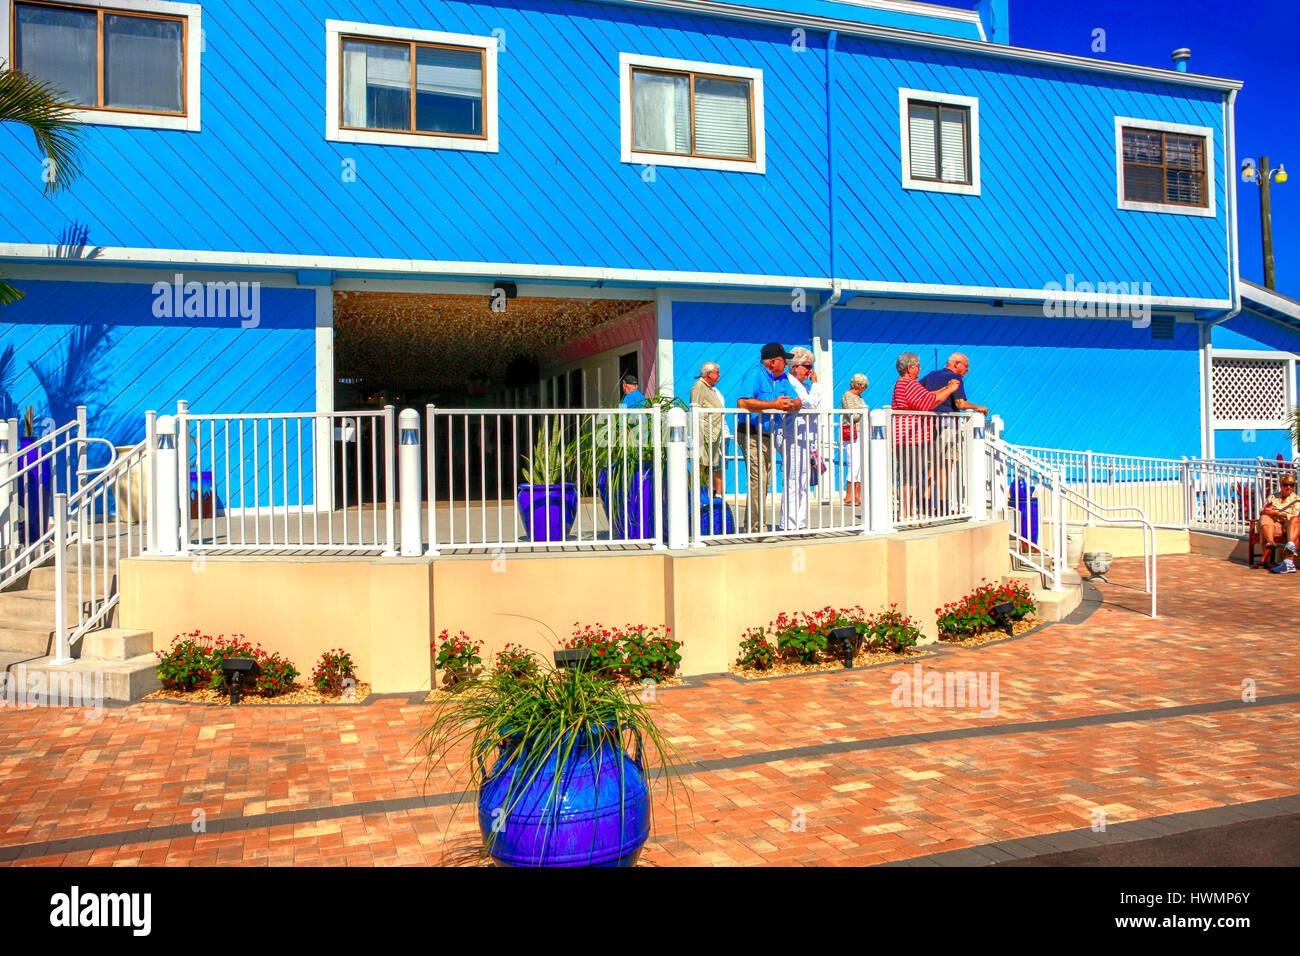 Fisherman's Village shopping center in Punta Gorda, Florida - Stock Image